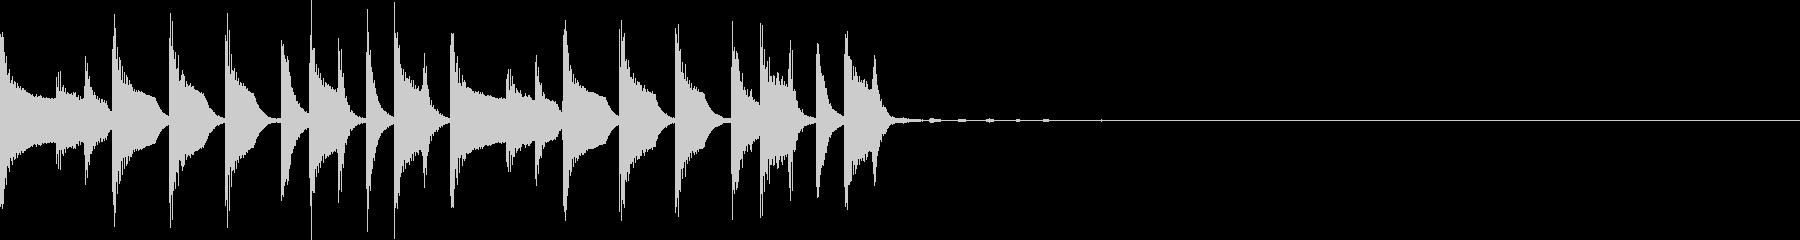 コミカルなトラップジングル3の未再生の波形